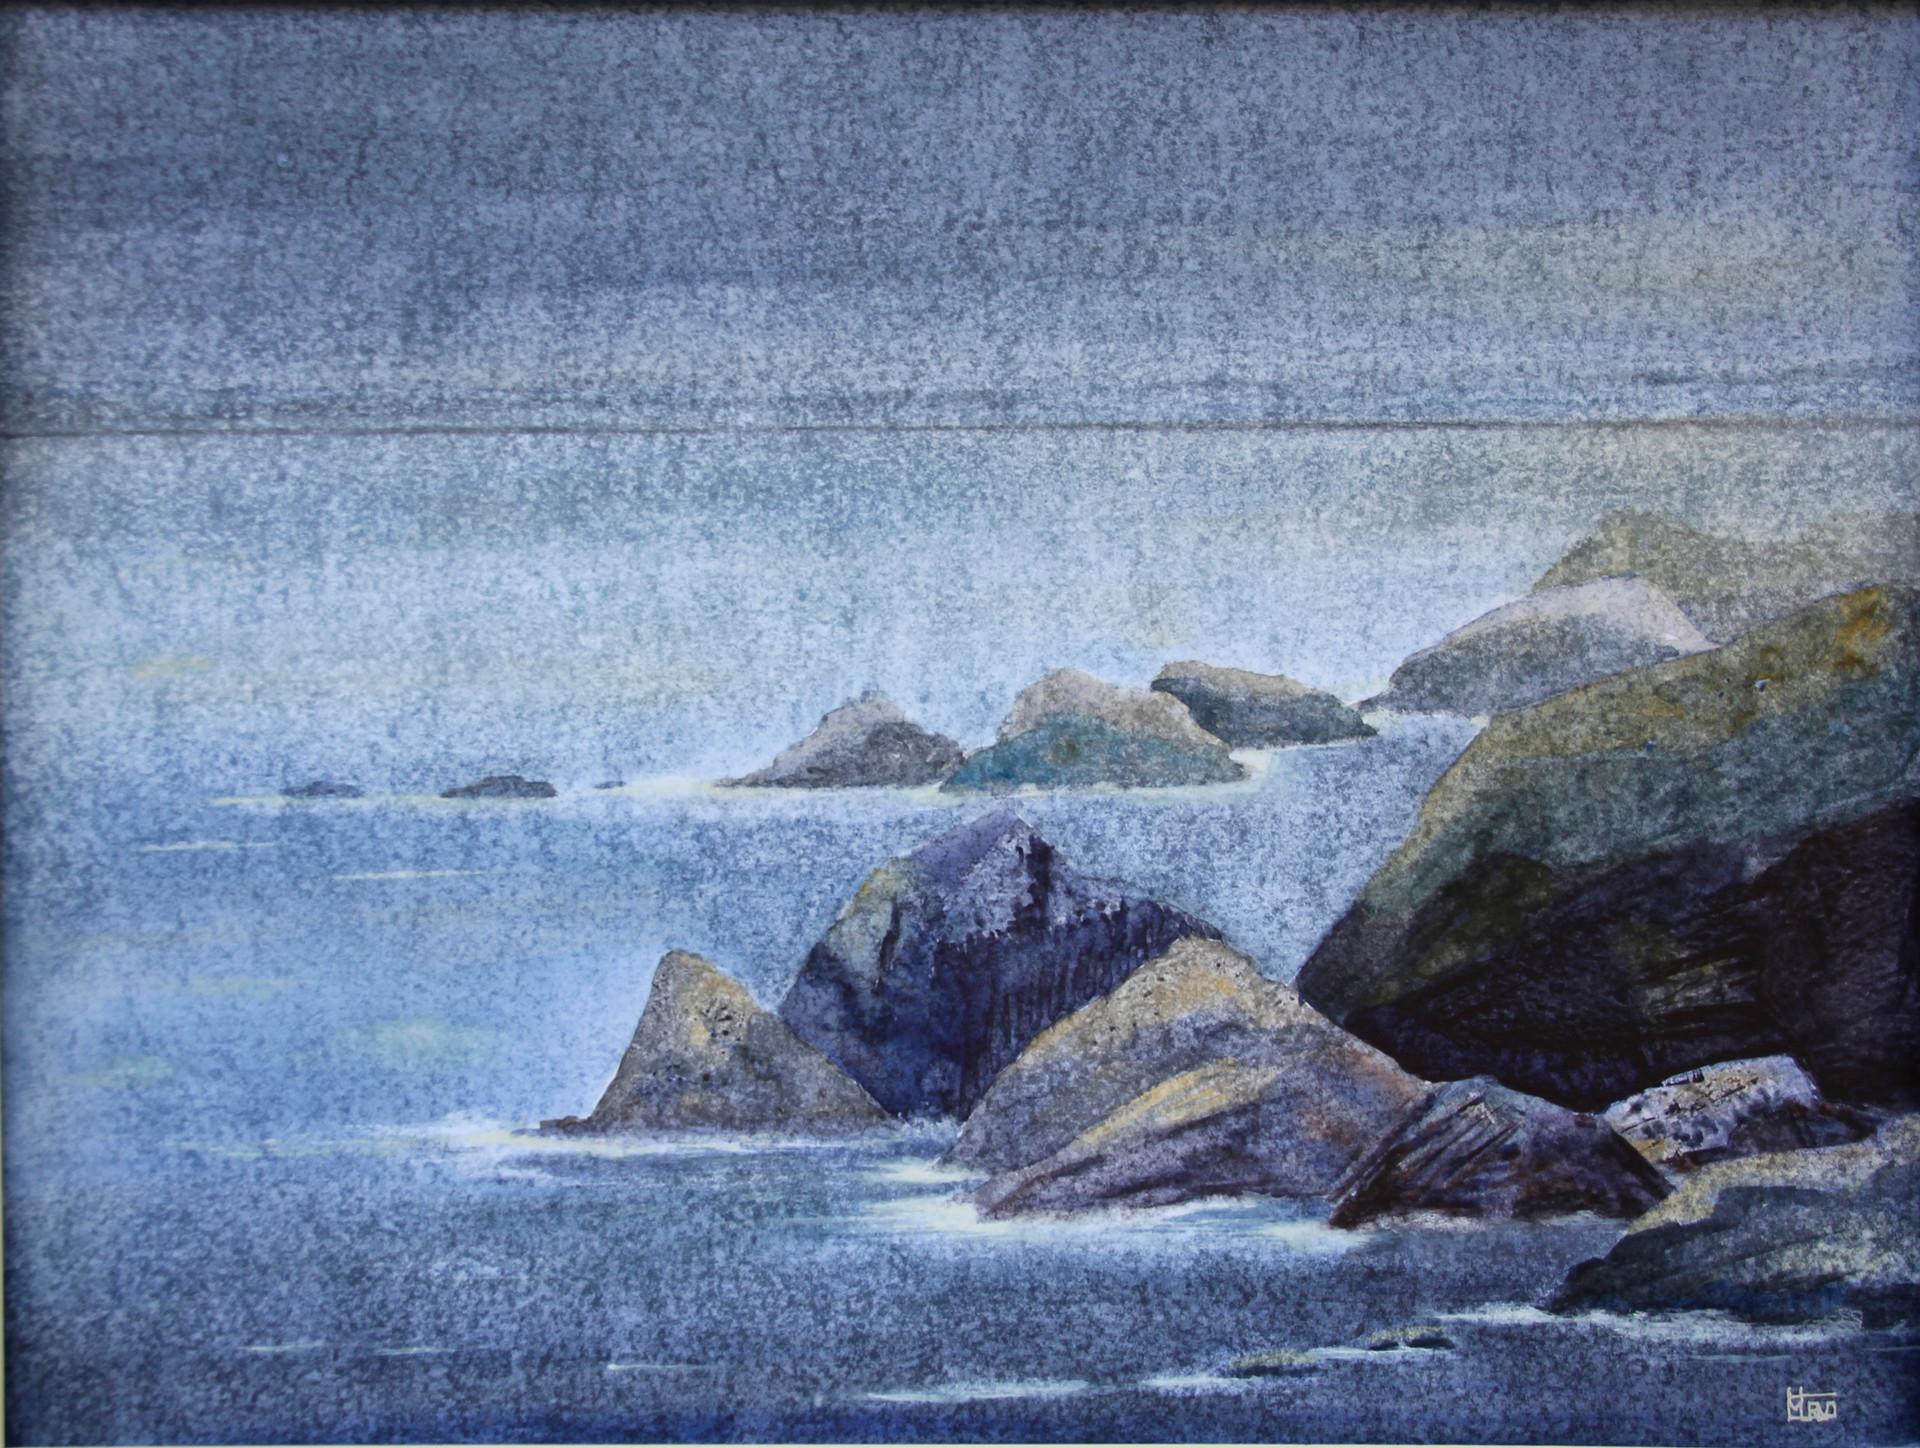 Storm on the Mountainous Coast